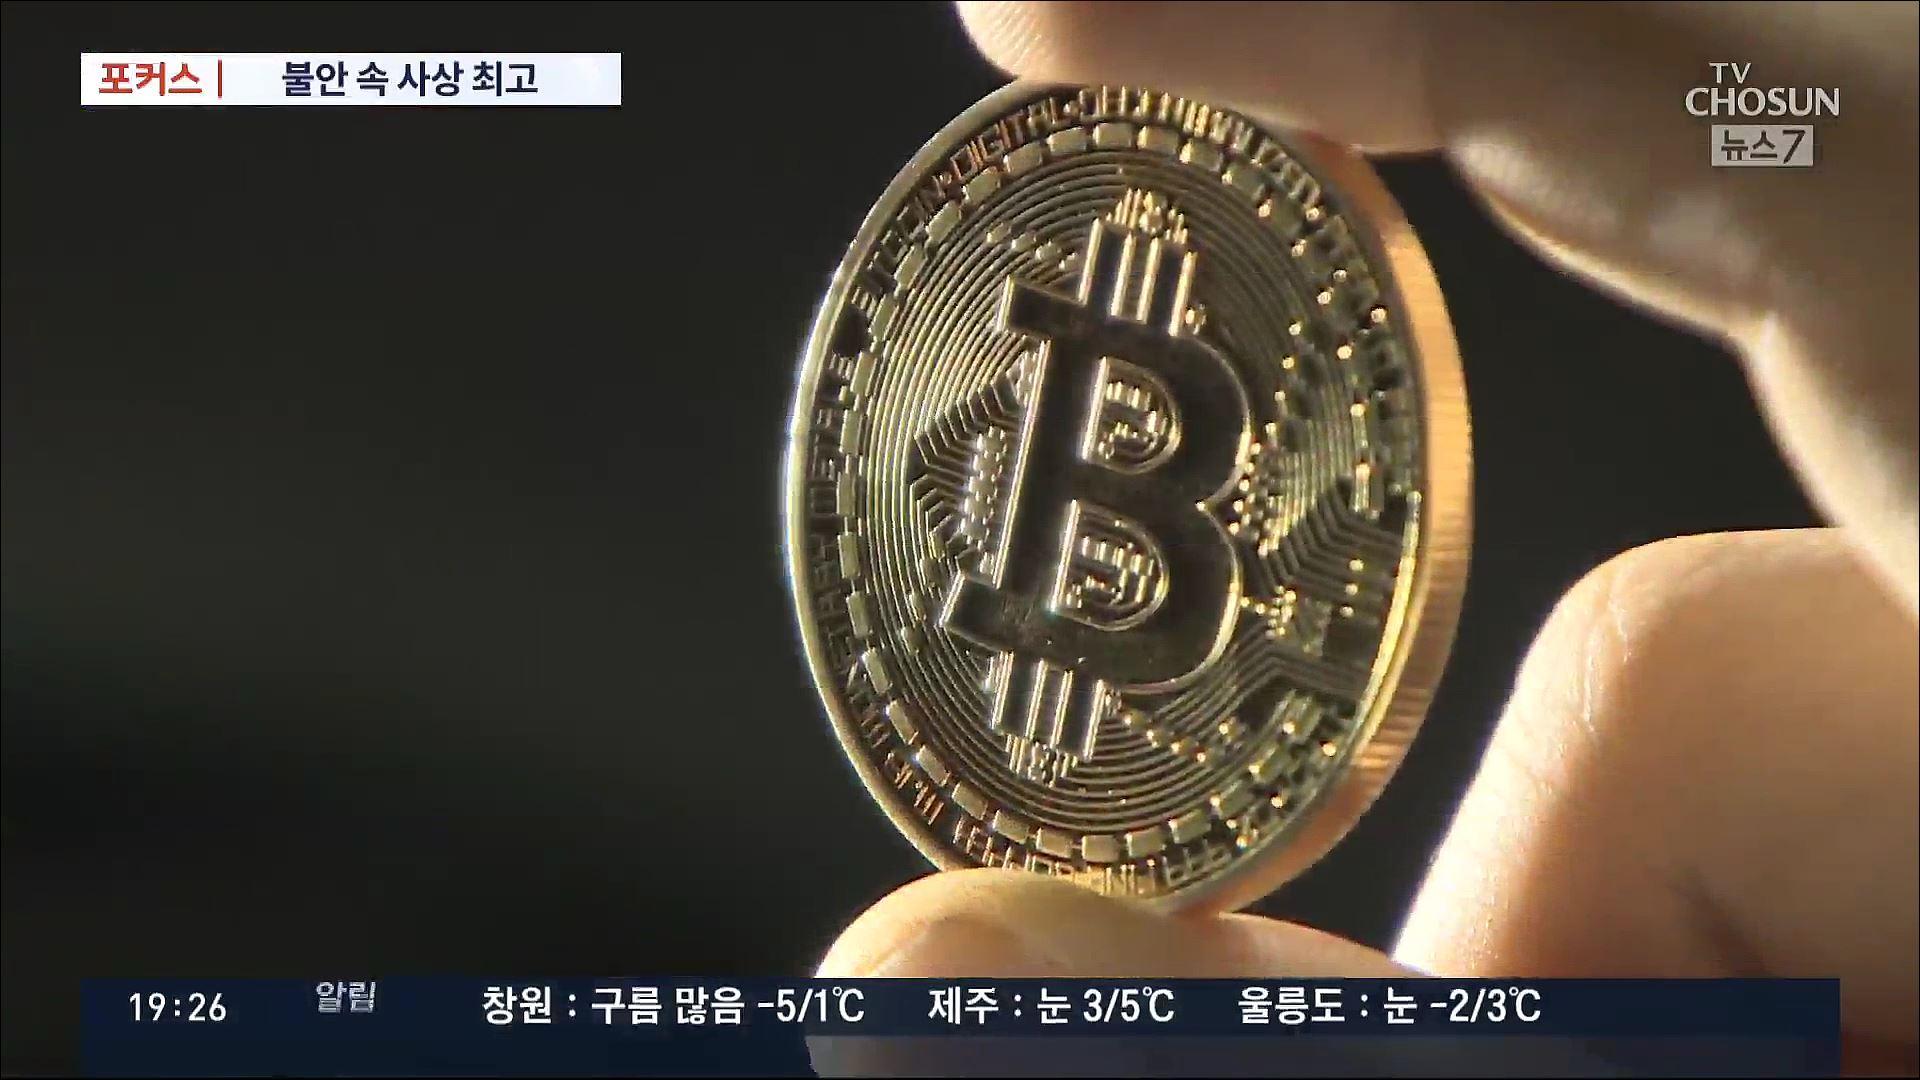 [포커스] 코스피·비트코인 사상 최고 '환호' 속 '거품 터질라'